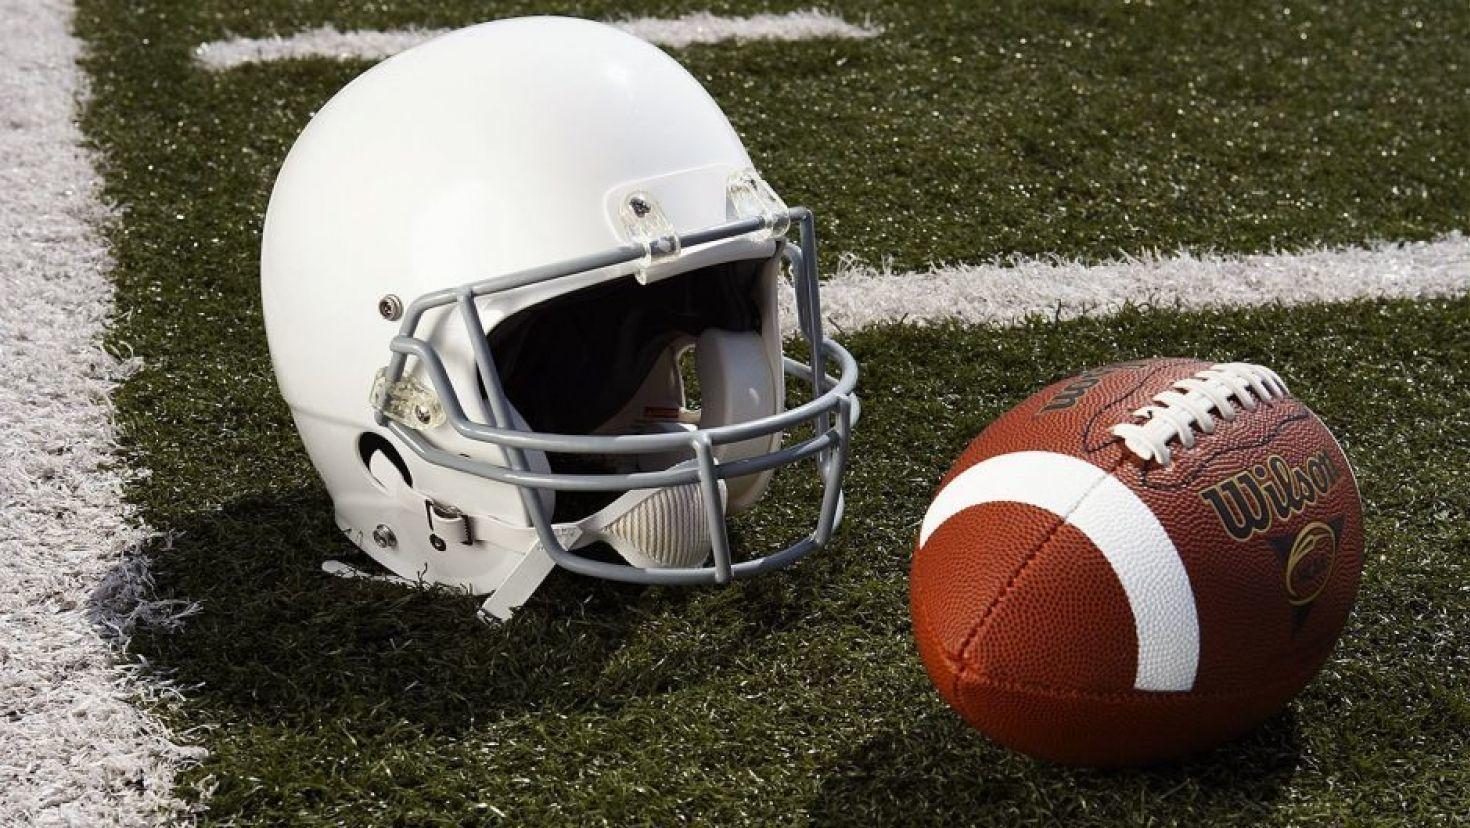 'Hail Mary' pass helps Texas high school football team win